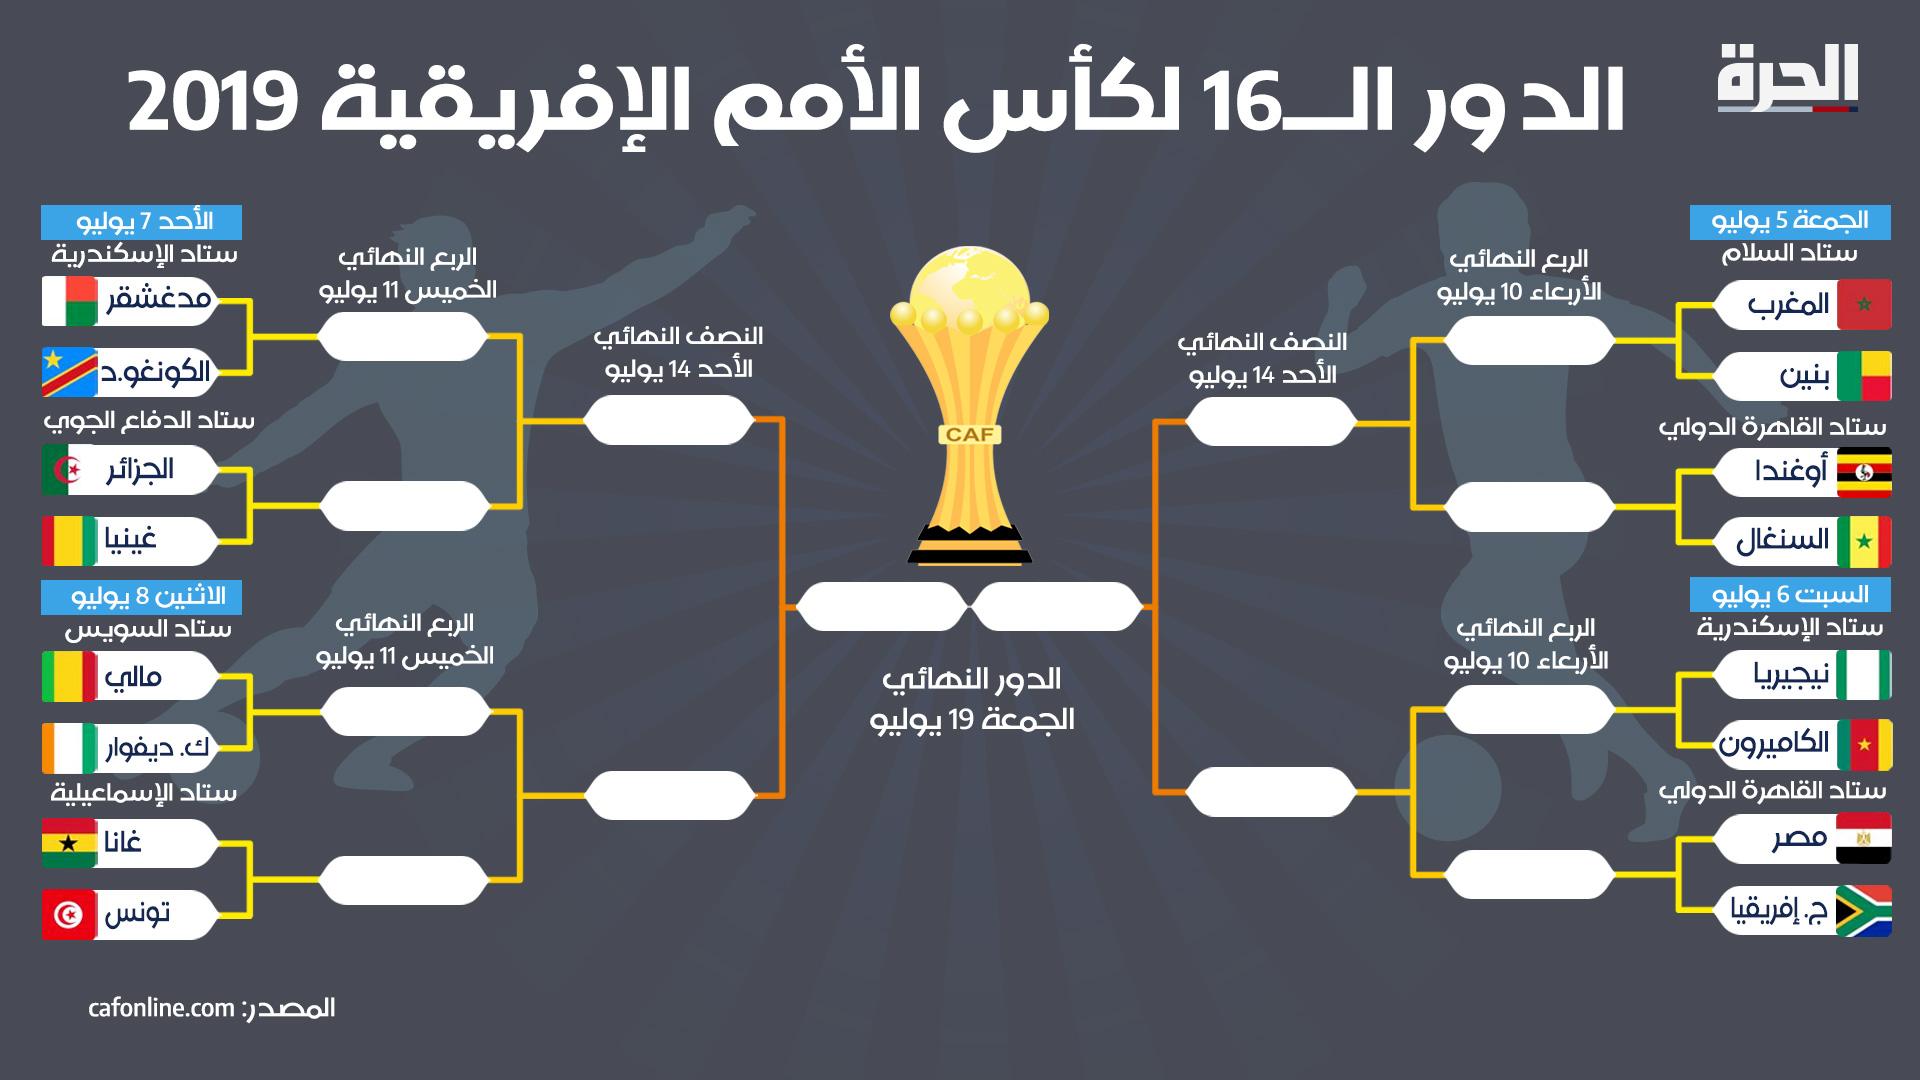 جدول مباريات دور الستة عشر في نهائيات أمم إفريقيا